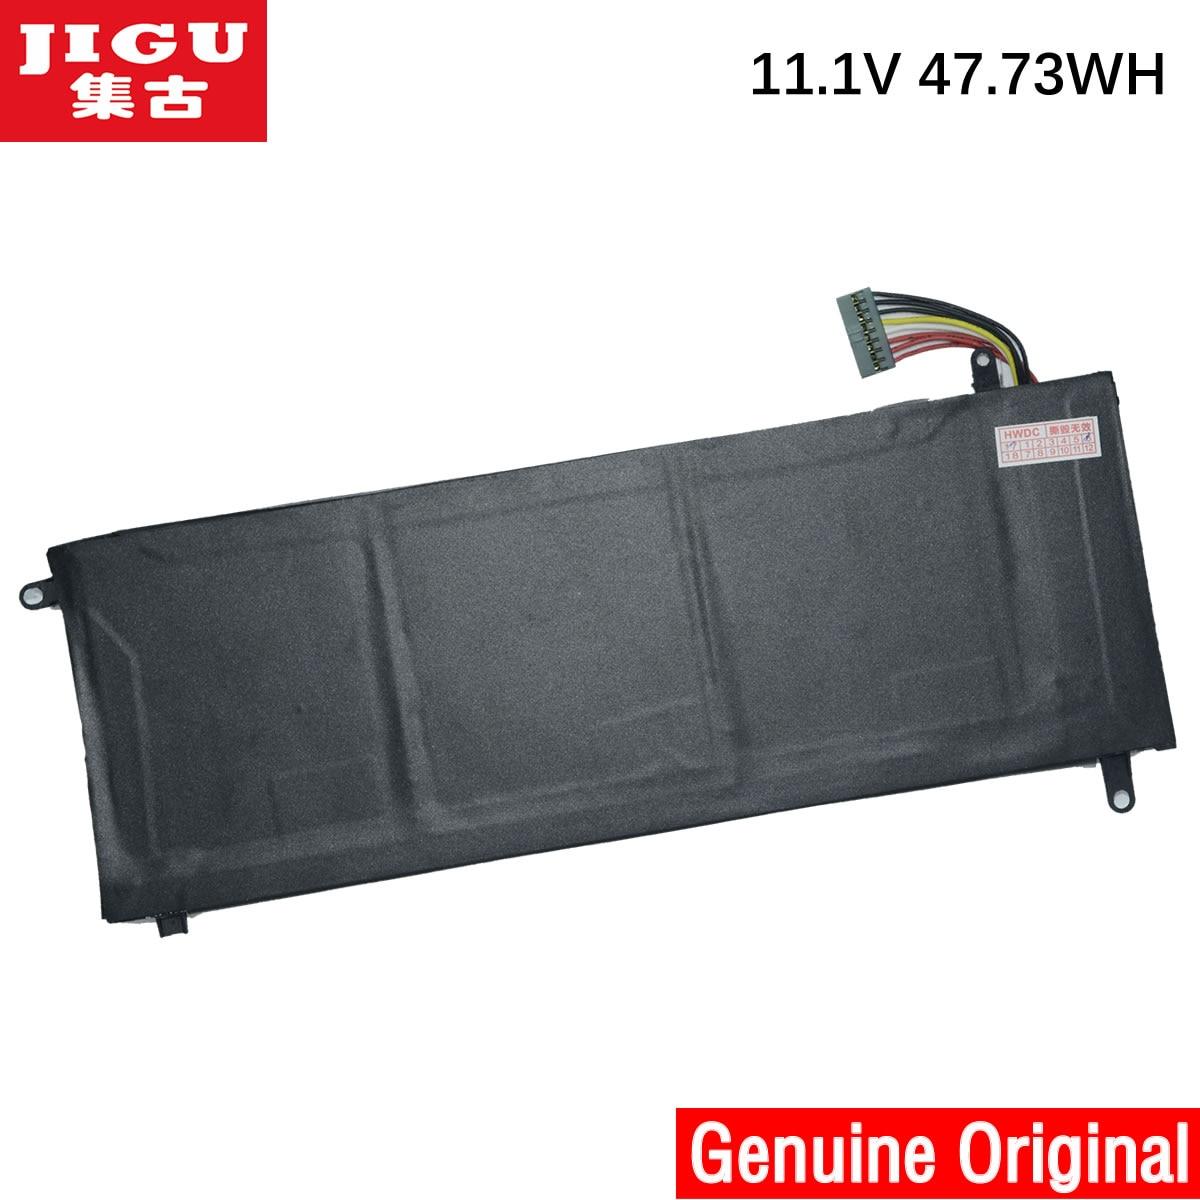 JIGU SCHENKER 961TA002F GNC-C30 Original laptop battery XMG C404 FOR GIGABYTE P34G V1 v2 U24 U2442 U2442D U2442F U2442N U2442S gnc 300mg 100